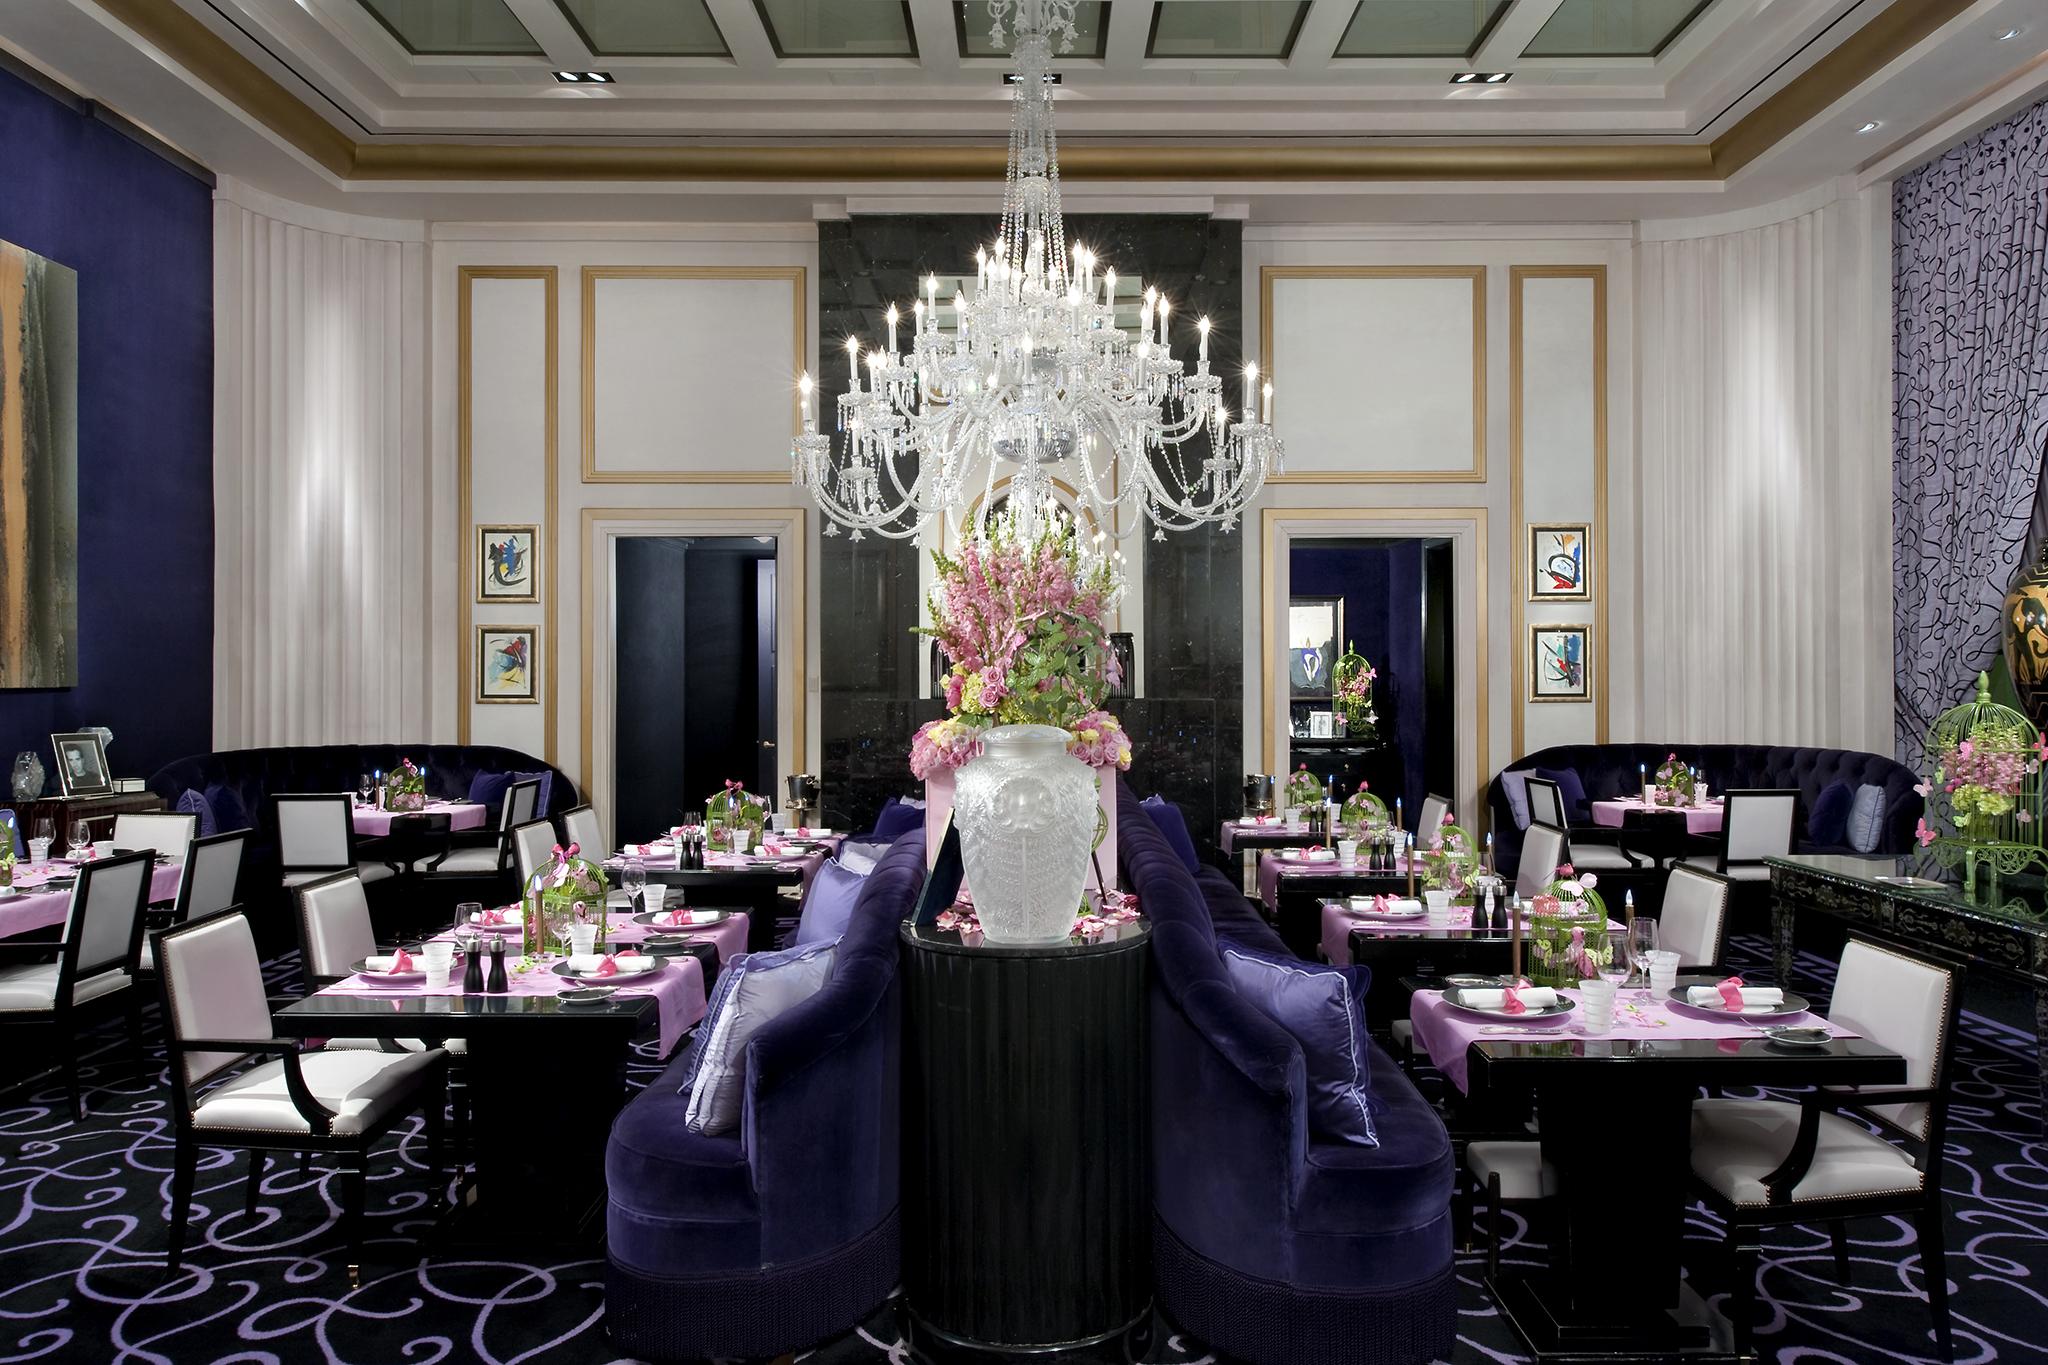 Jol Robuchon Restaurant  Restaurants in The Strip Las Vegas